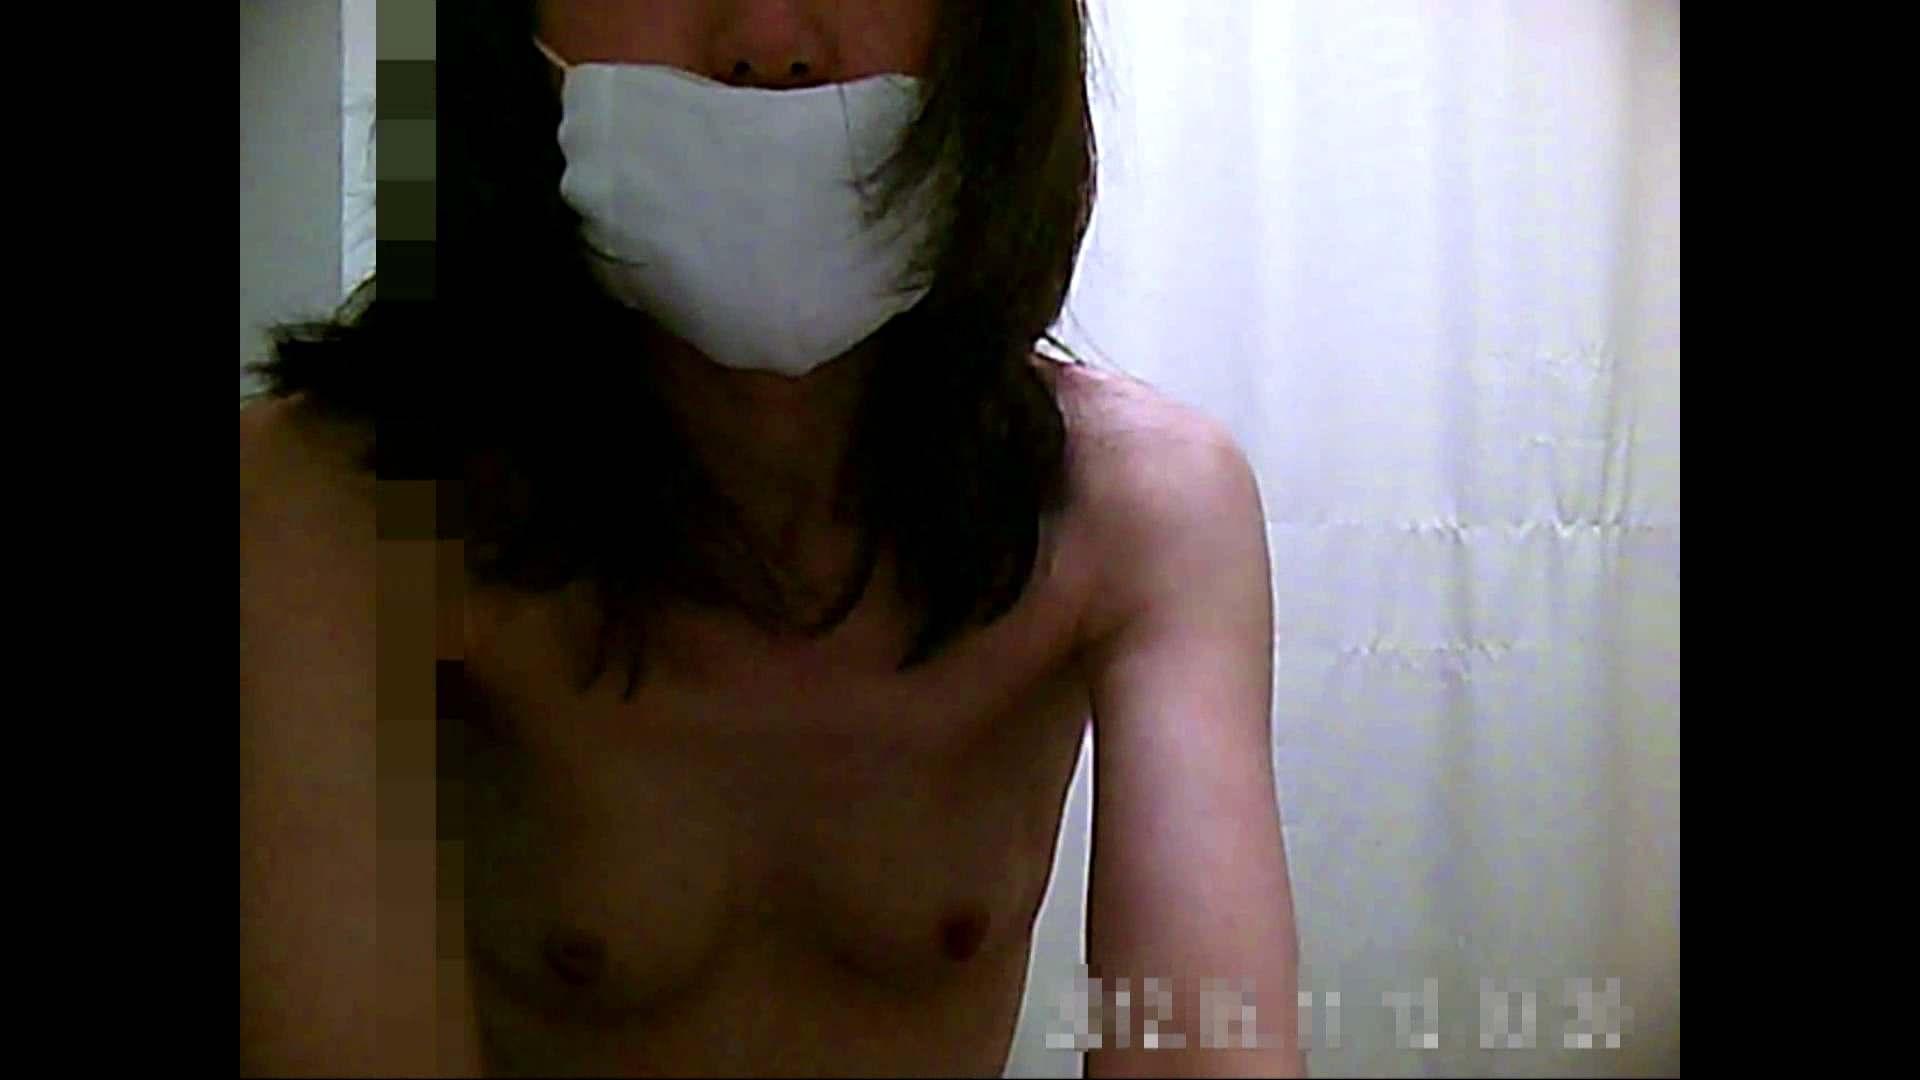 元医者による反抗 更衣室地獄絵巻 vol.267 OLハメ撮り  81Pix 81